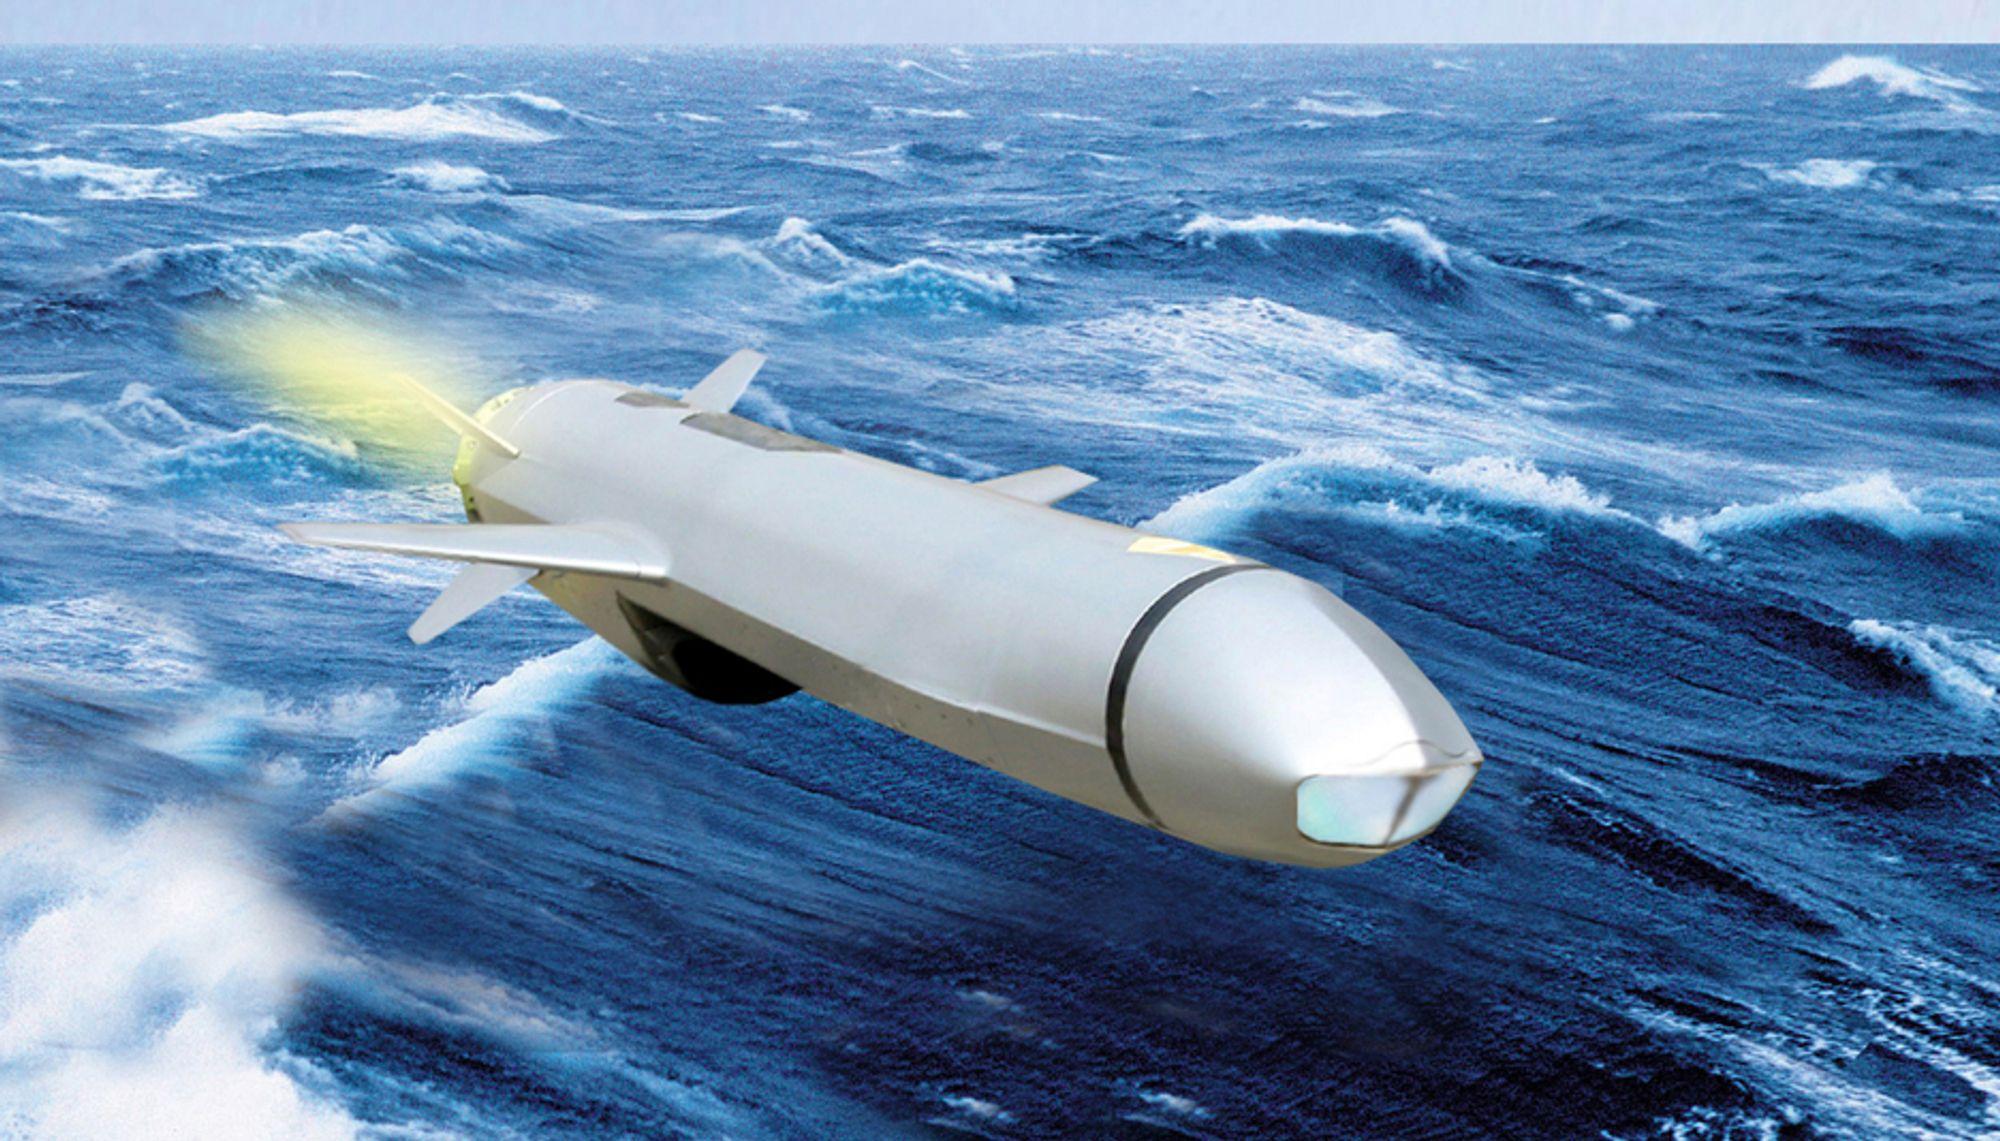 Det begynner å bli en del eksport av NSM-missilet. Nå ser det ut som at også det yngre søstermissilet JSM, tilpasset F-35, også vil lykkes internasjonalt.